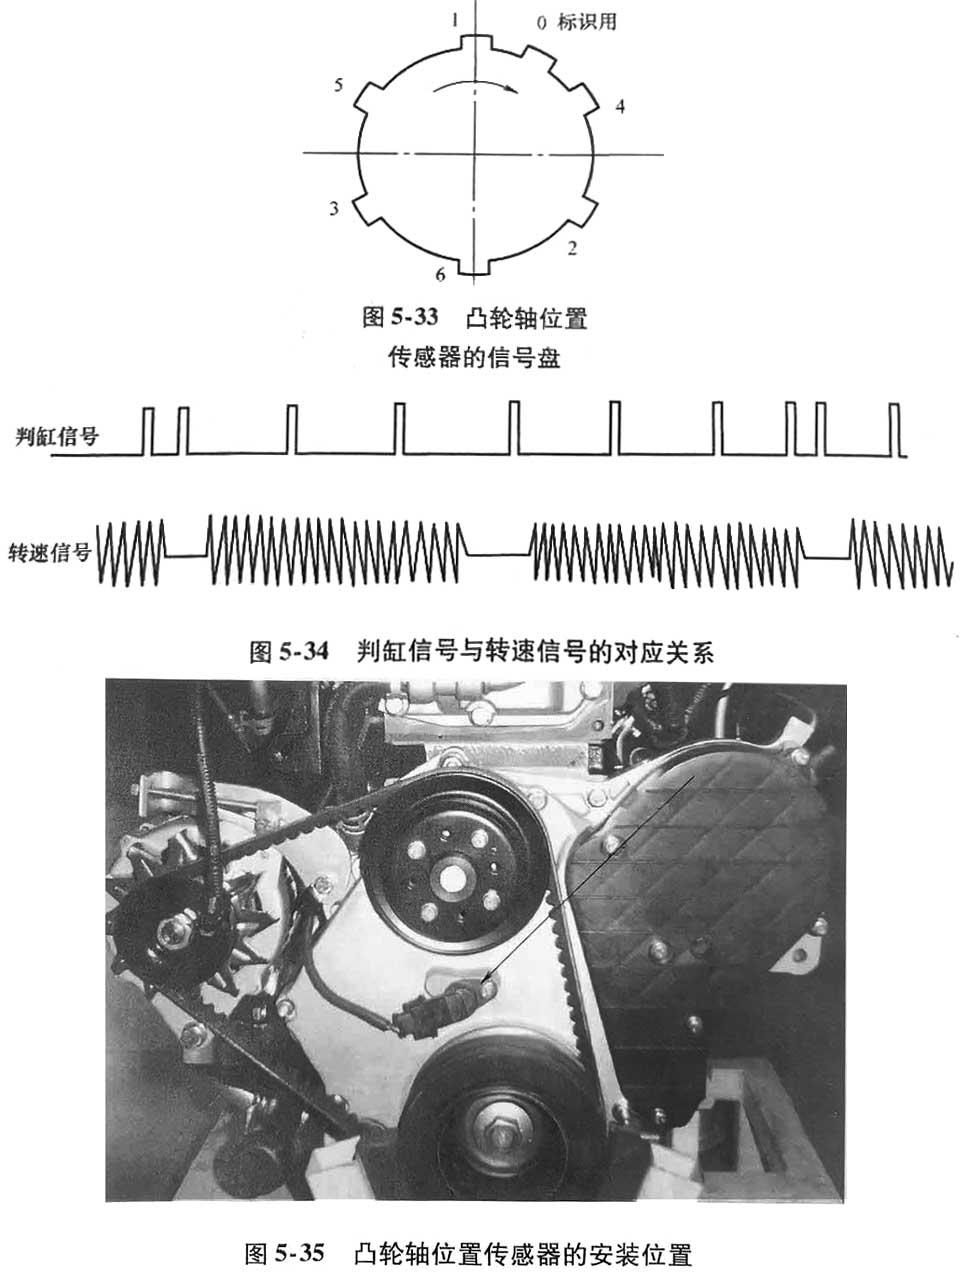 柴油发电机凸轮轴位置传感器.jpg